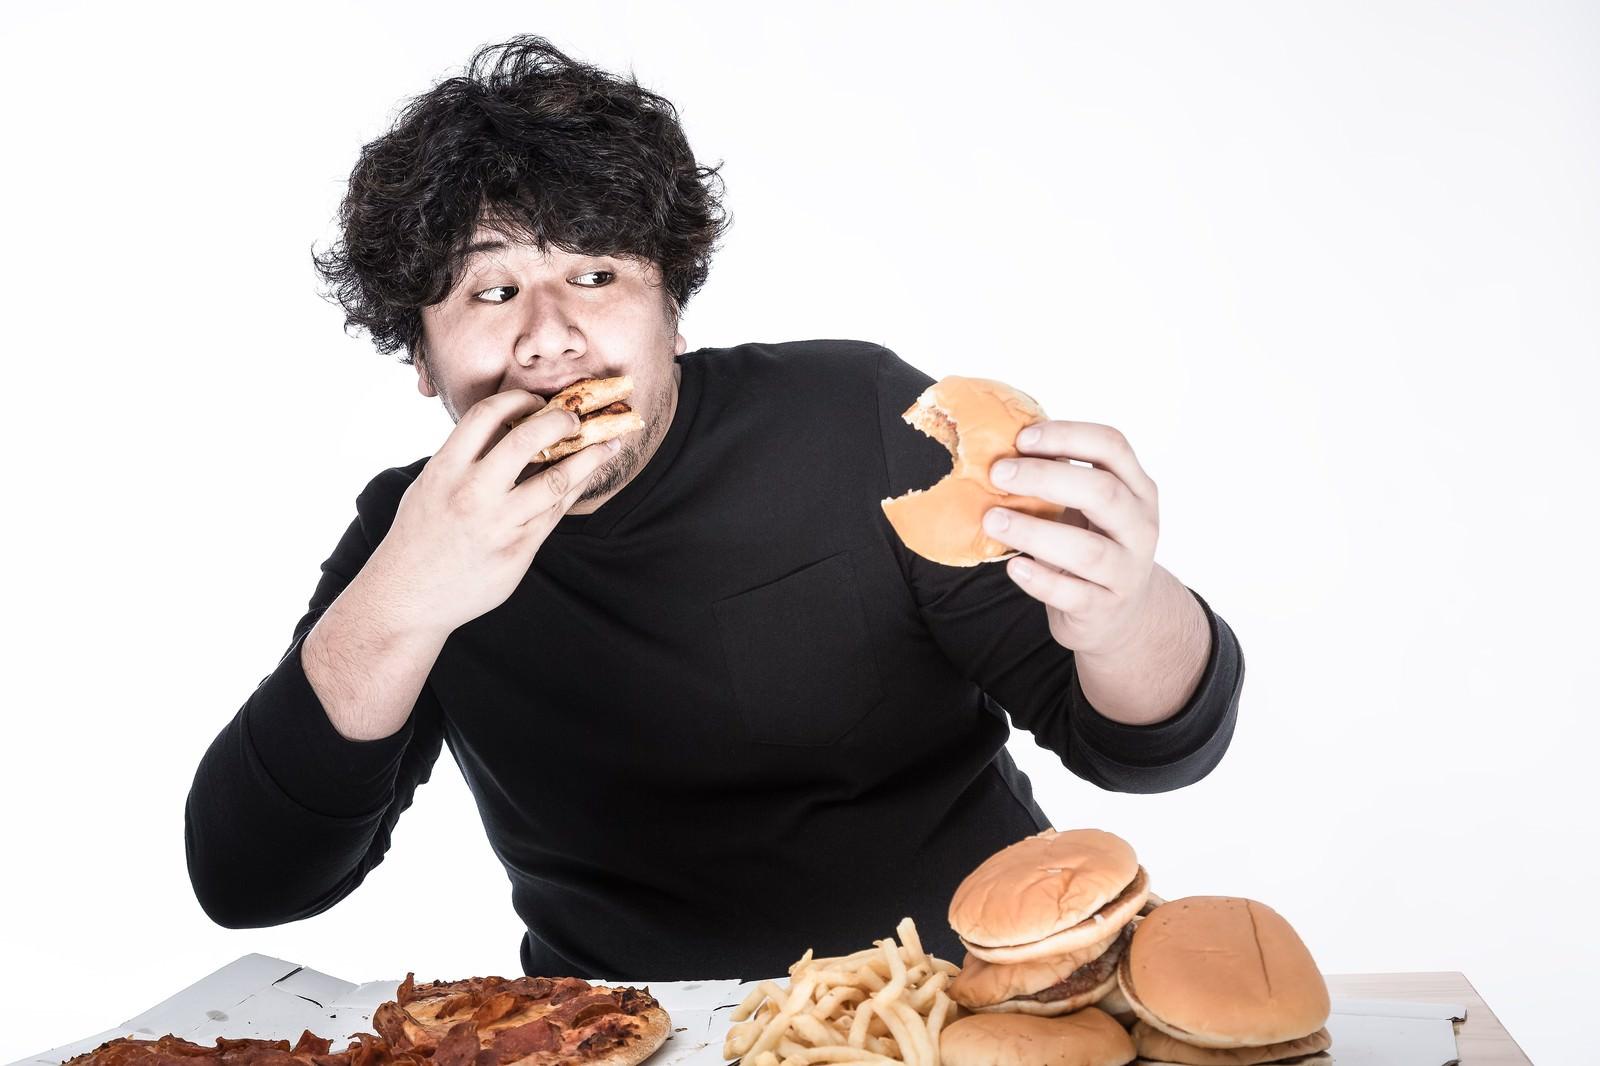 「左右左右BAのリズムでハンバーガーを食べるゲーマー | 写真の無料素材・フリー素材 - ぱくたそ」の写真[モデル:朽木誠一郎]